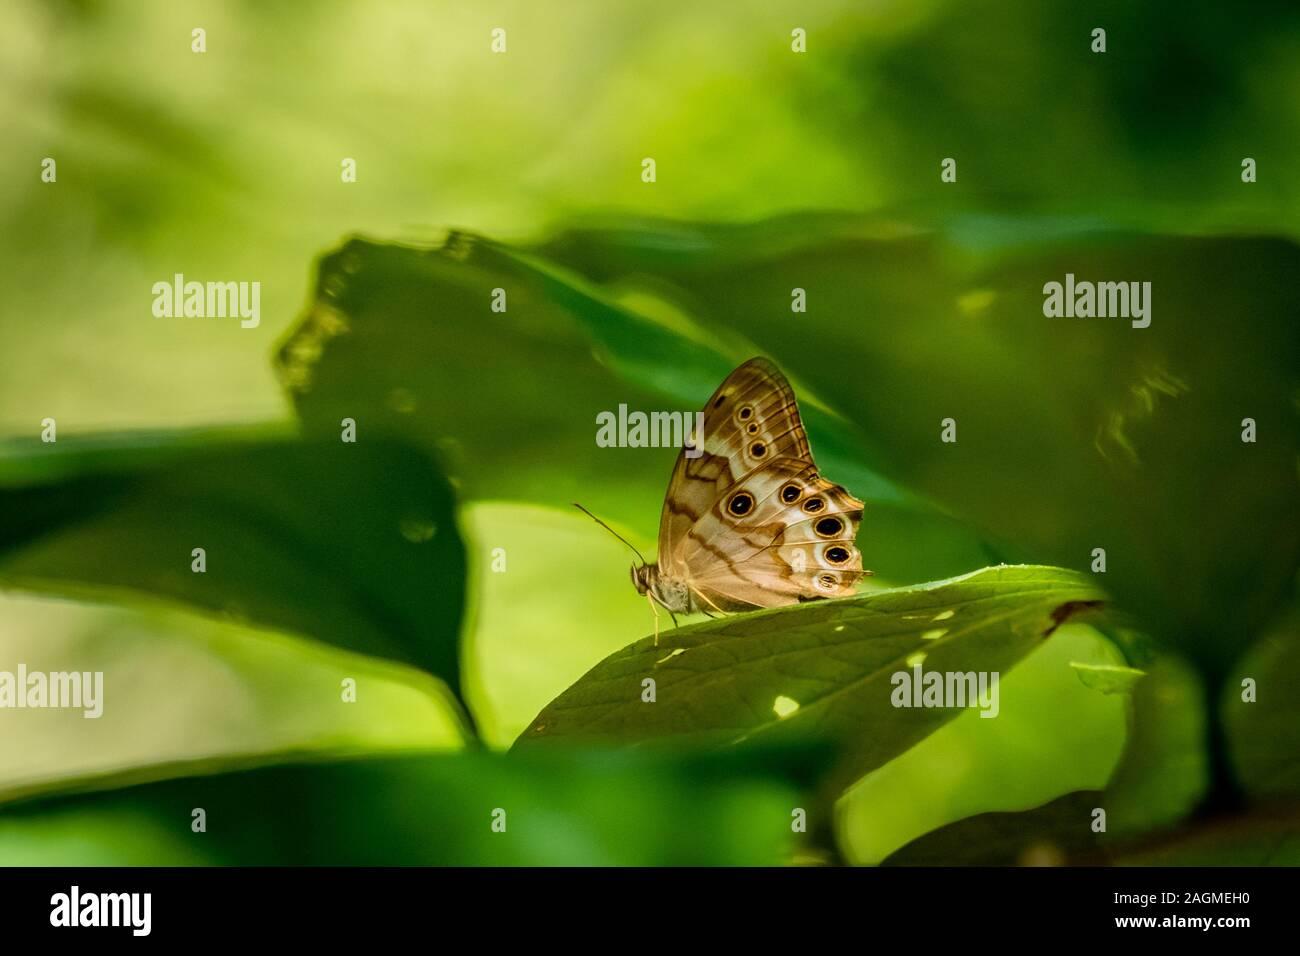 Un ojo-Perla del norte butterfly descansa sobre una hoja en el bosque en Yates Mill County Park en Raleigh, Carolina del Norte. Foto de stock